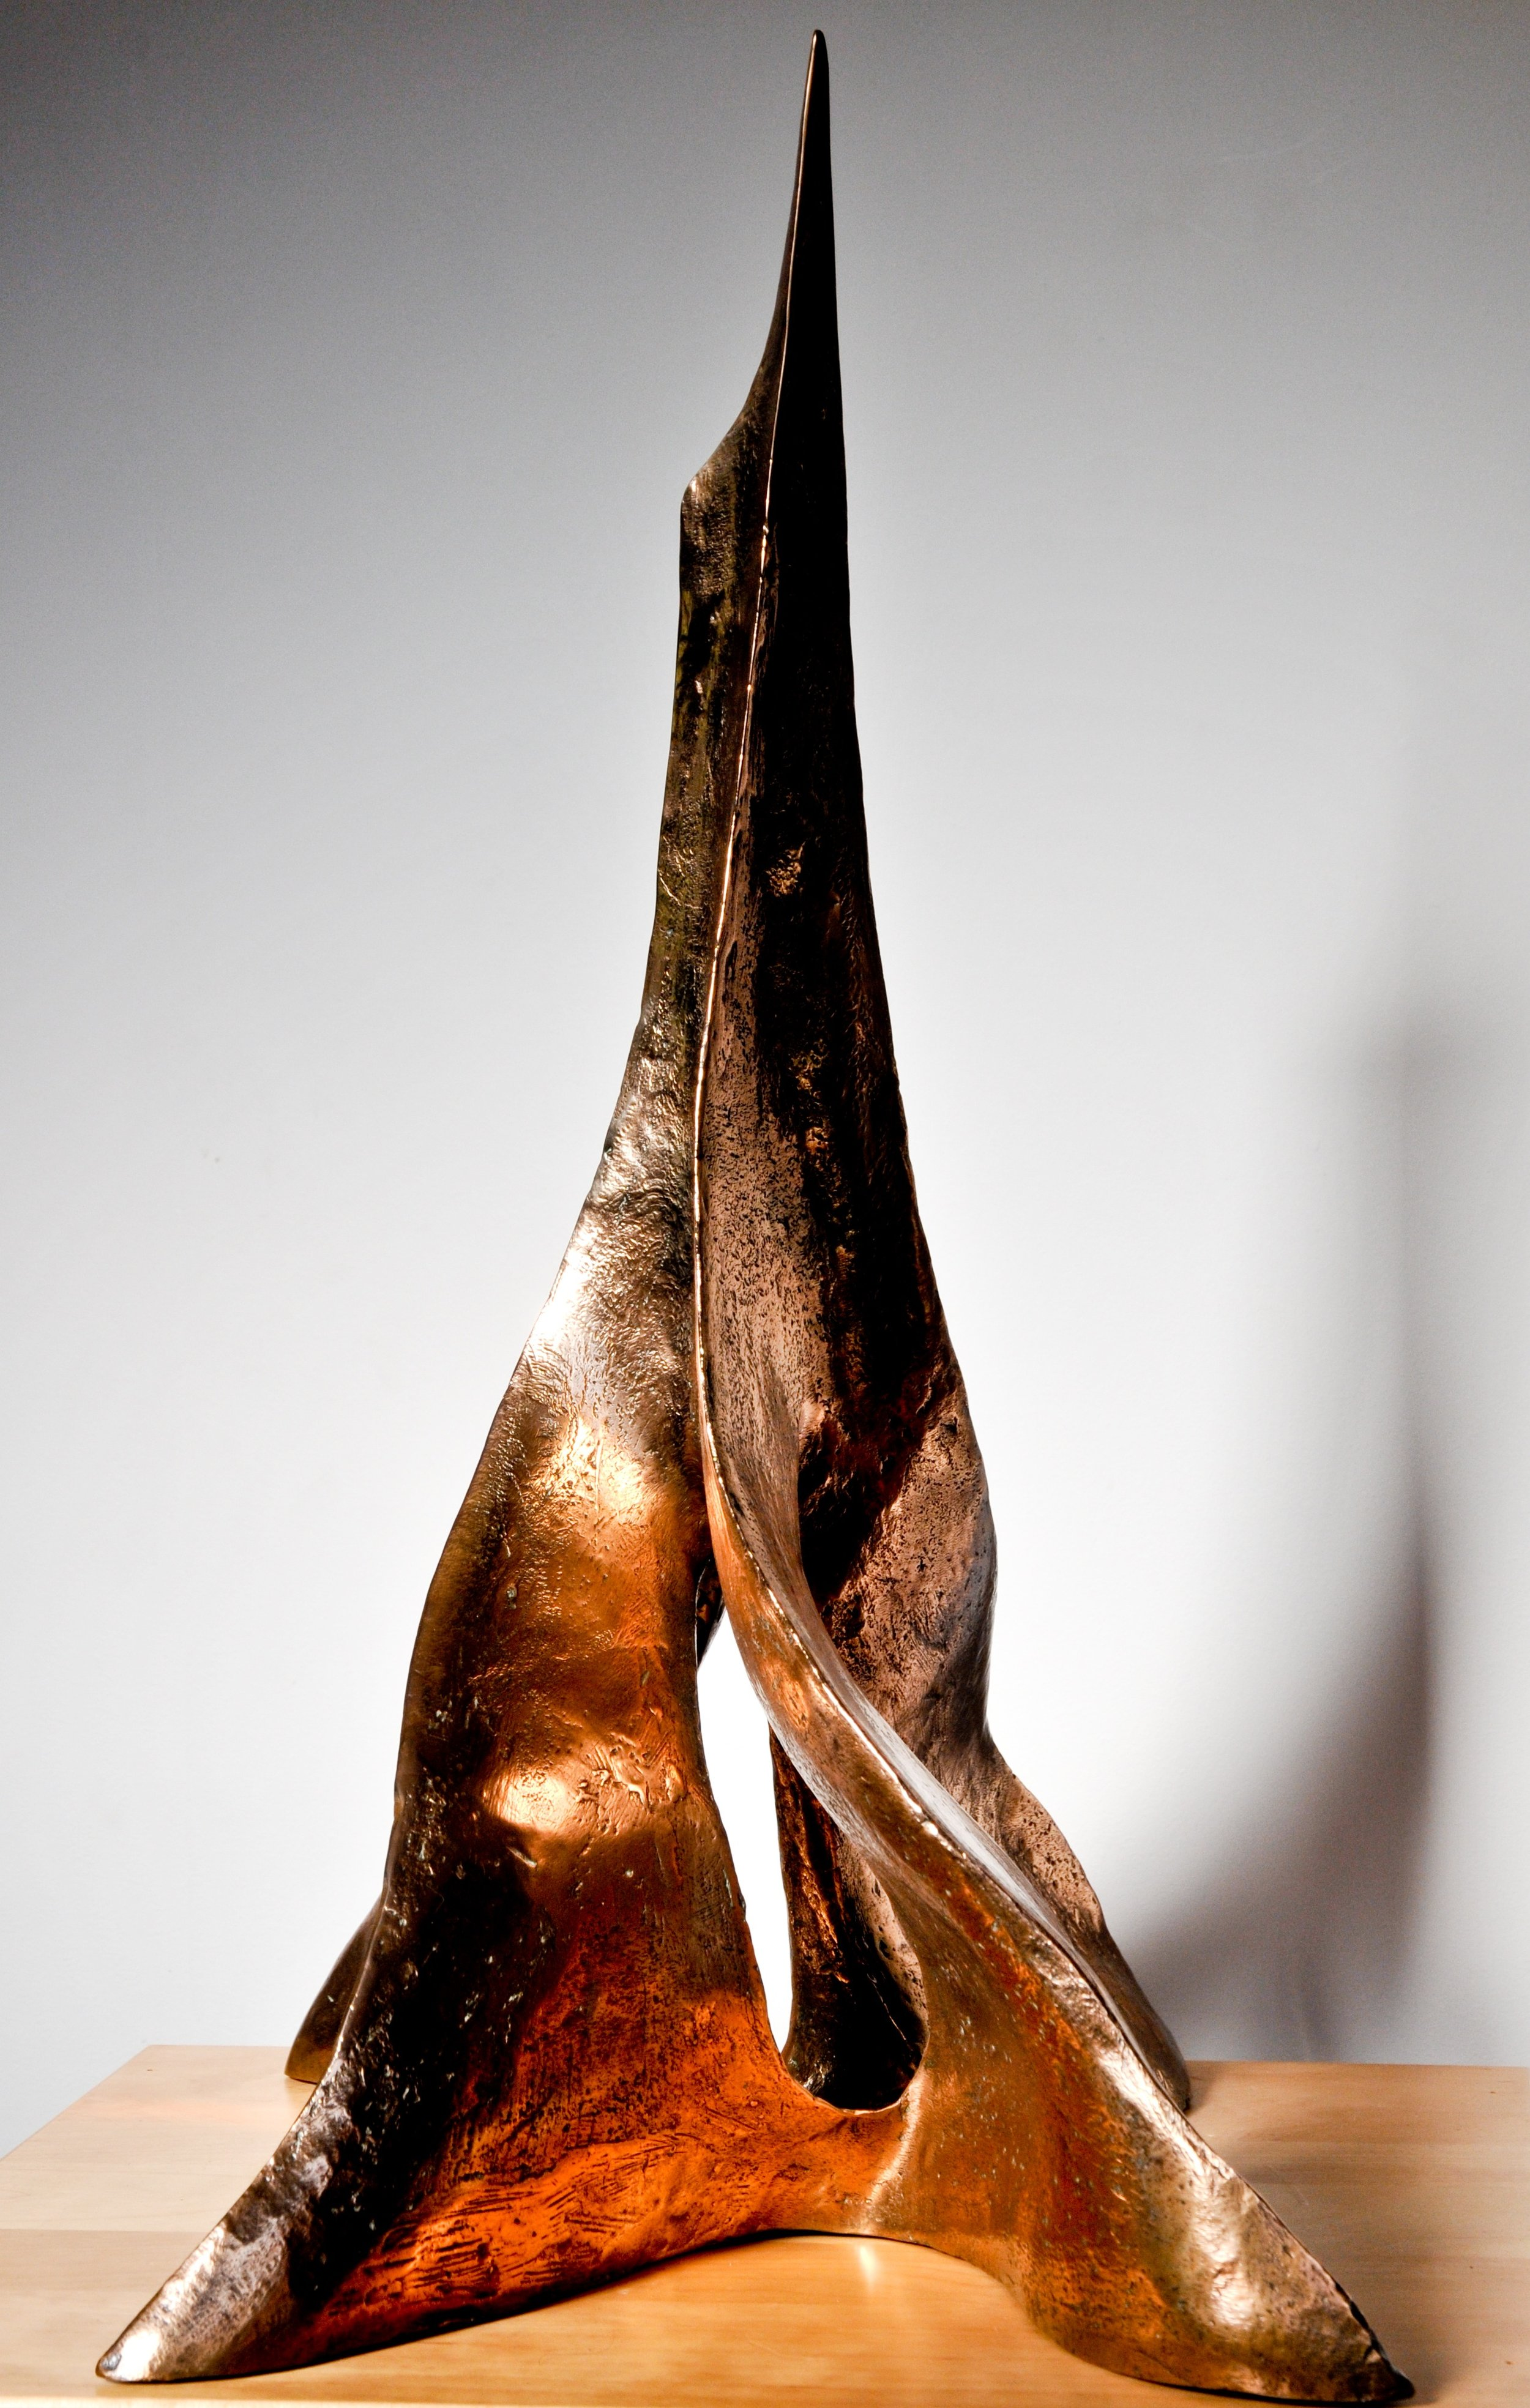 Energy in Harmony 60.52.39 cm bronze